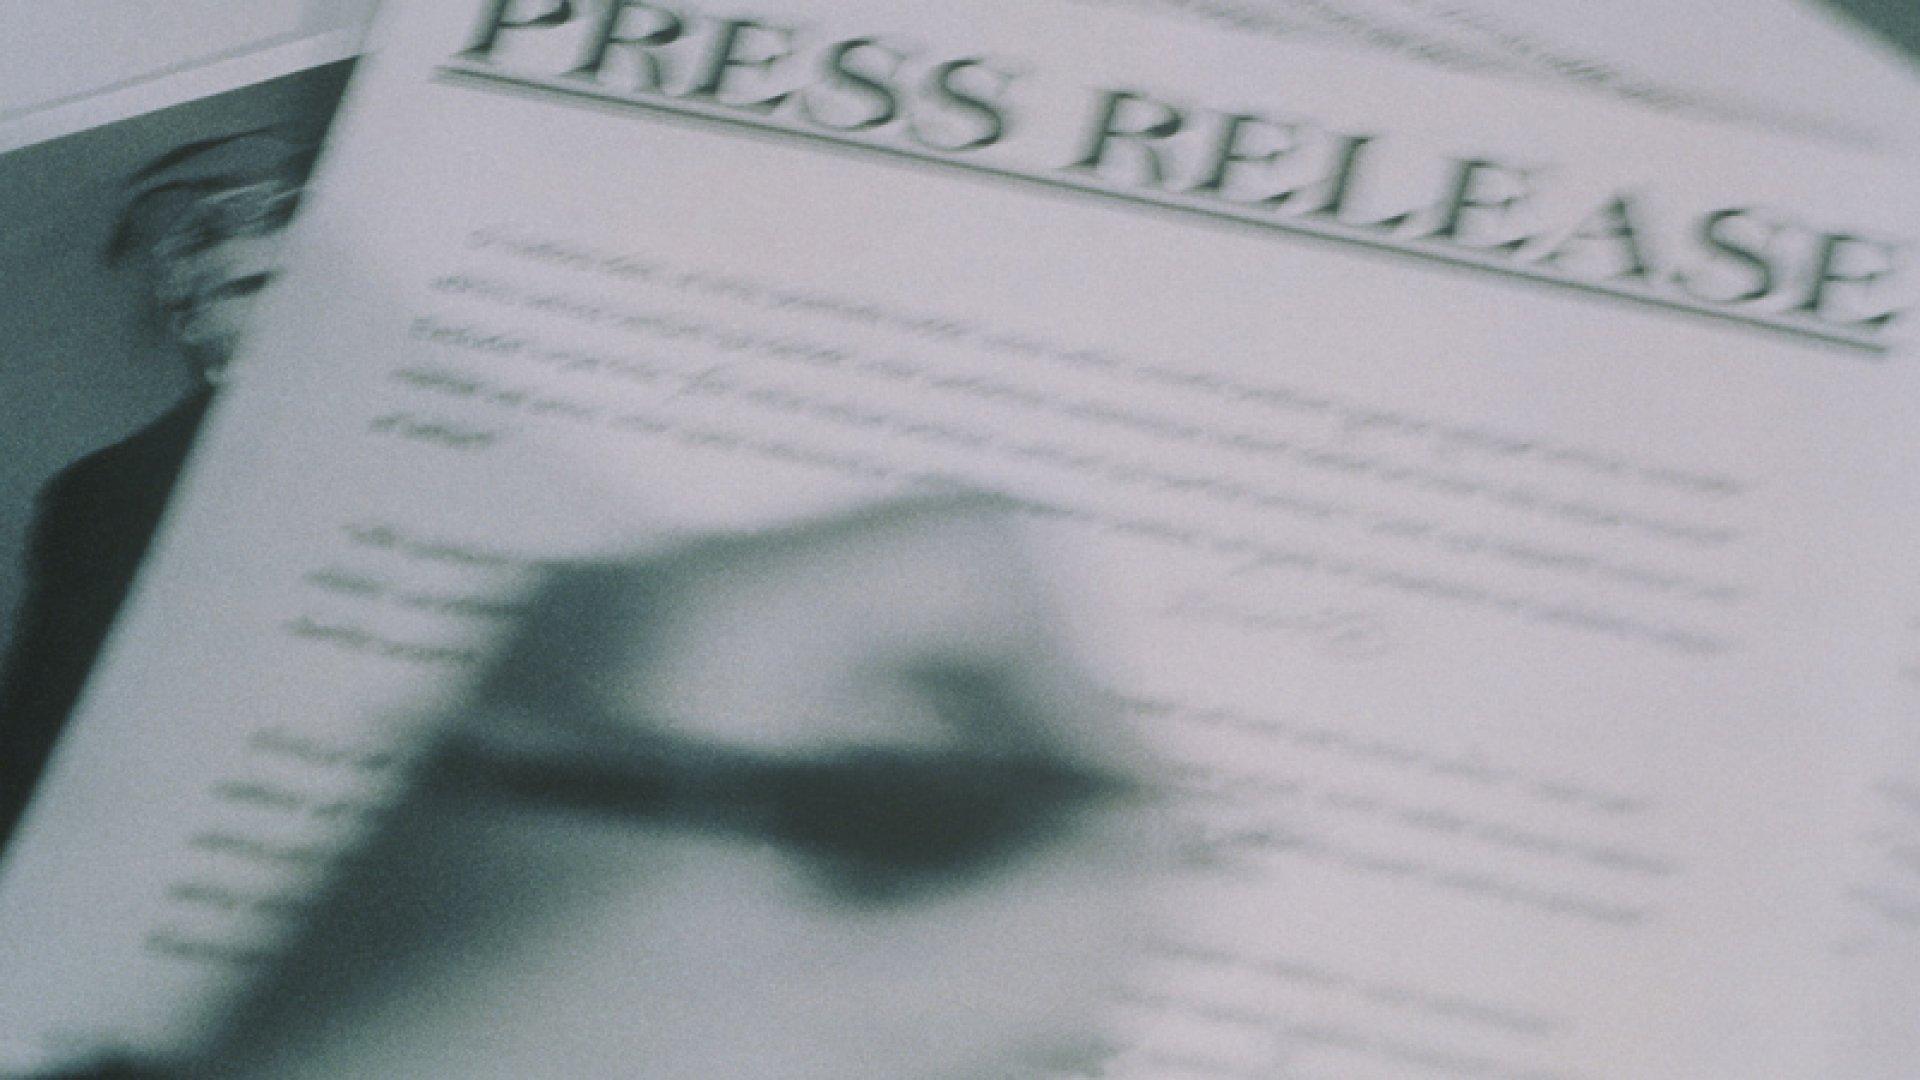 5 Reasons the Press Release Isn't Dead Yet